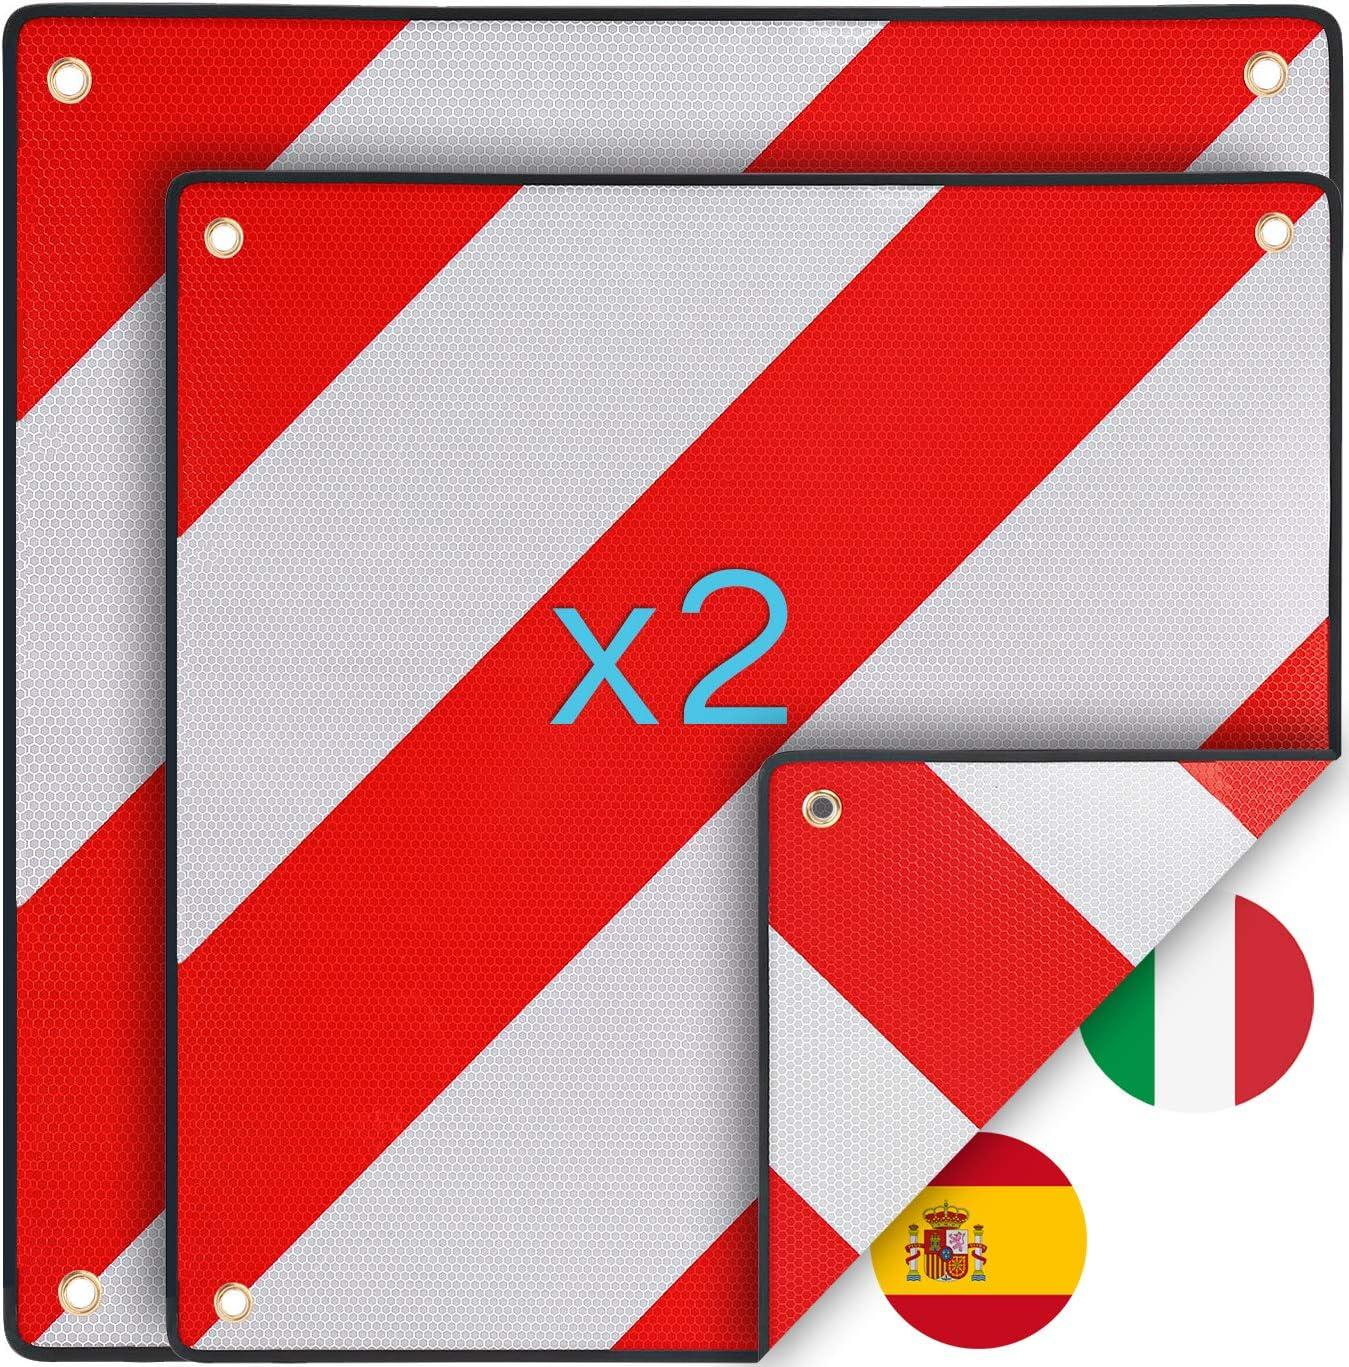 Warntafel Italien Und Spanien 2stück 2in1 50 X 50 Cm Reflektierendes Warnschild Rot Weiß Für Heckträger U Fahrradträger Auto